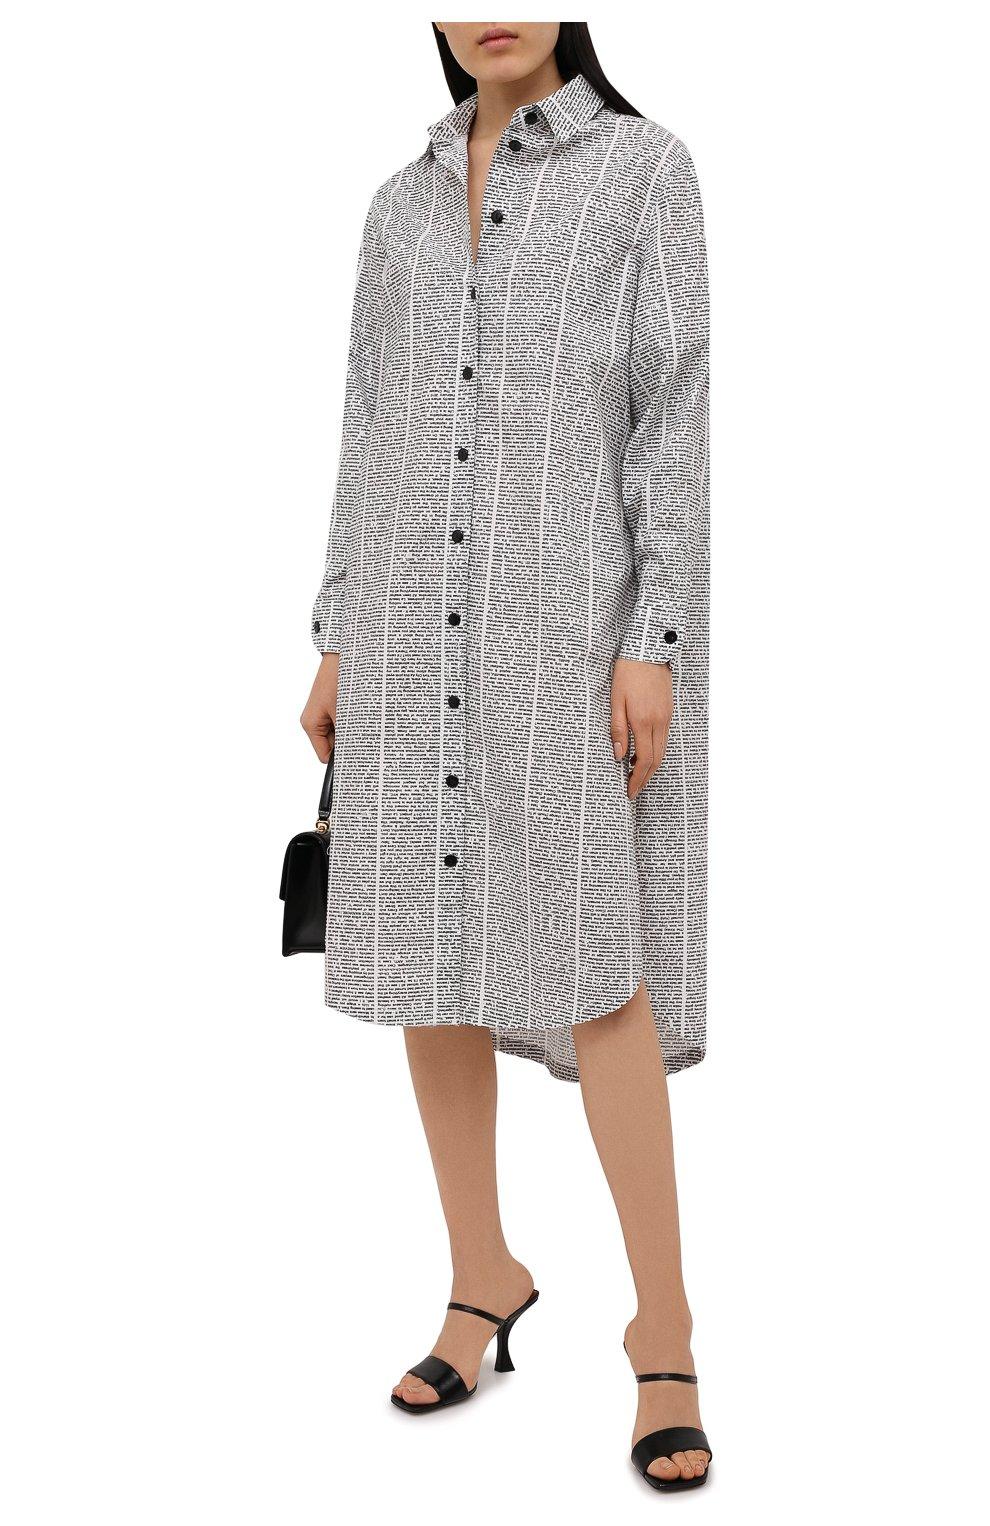 Женское хлопковое платье 5PREVIEW черно-белого цвета, арт. 5PW21007 | Фото 2 (Женское Кросс-КТ: платье-рубашка, Платье-одежда; Рукава: Длинные; Случай: Повседневный; Материал внешний: Хлопок; Длина Ж (юбки, платья, шорты): Миди; Стили: Кэжуэл)